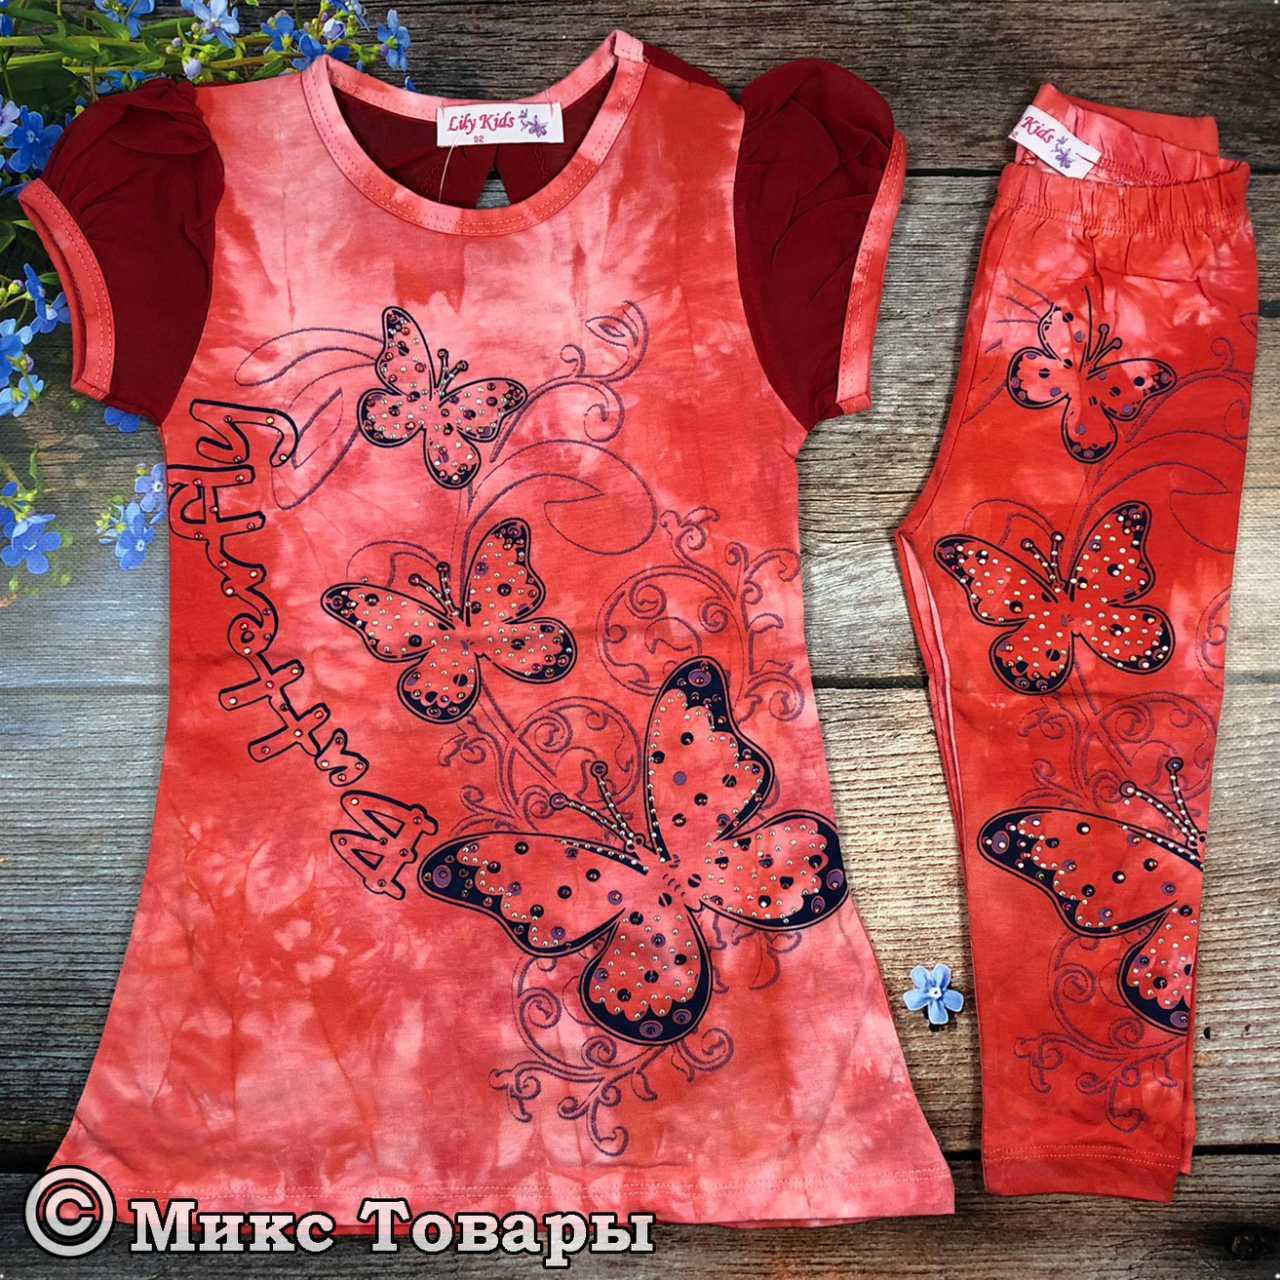 Стильный летний костюм для девочек Размеры: 92,104,116,128 см (6183-5)